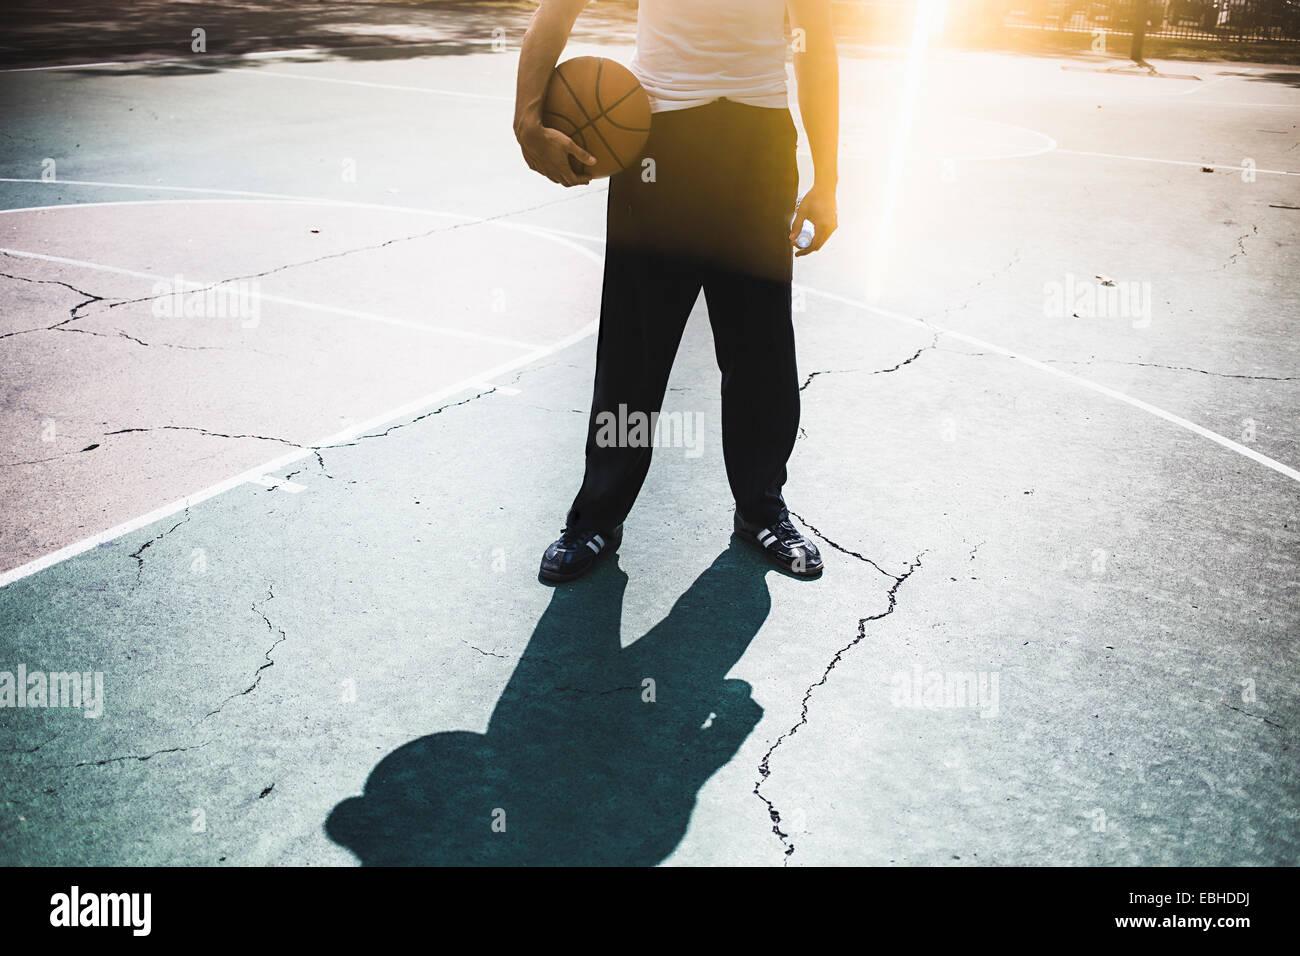 Con el cuello hacia abajo la vista de baloncesto masculino joven sosteniendo la bola Imagen De Stock